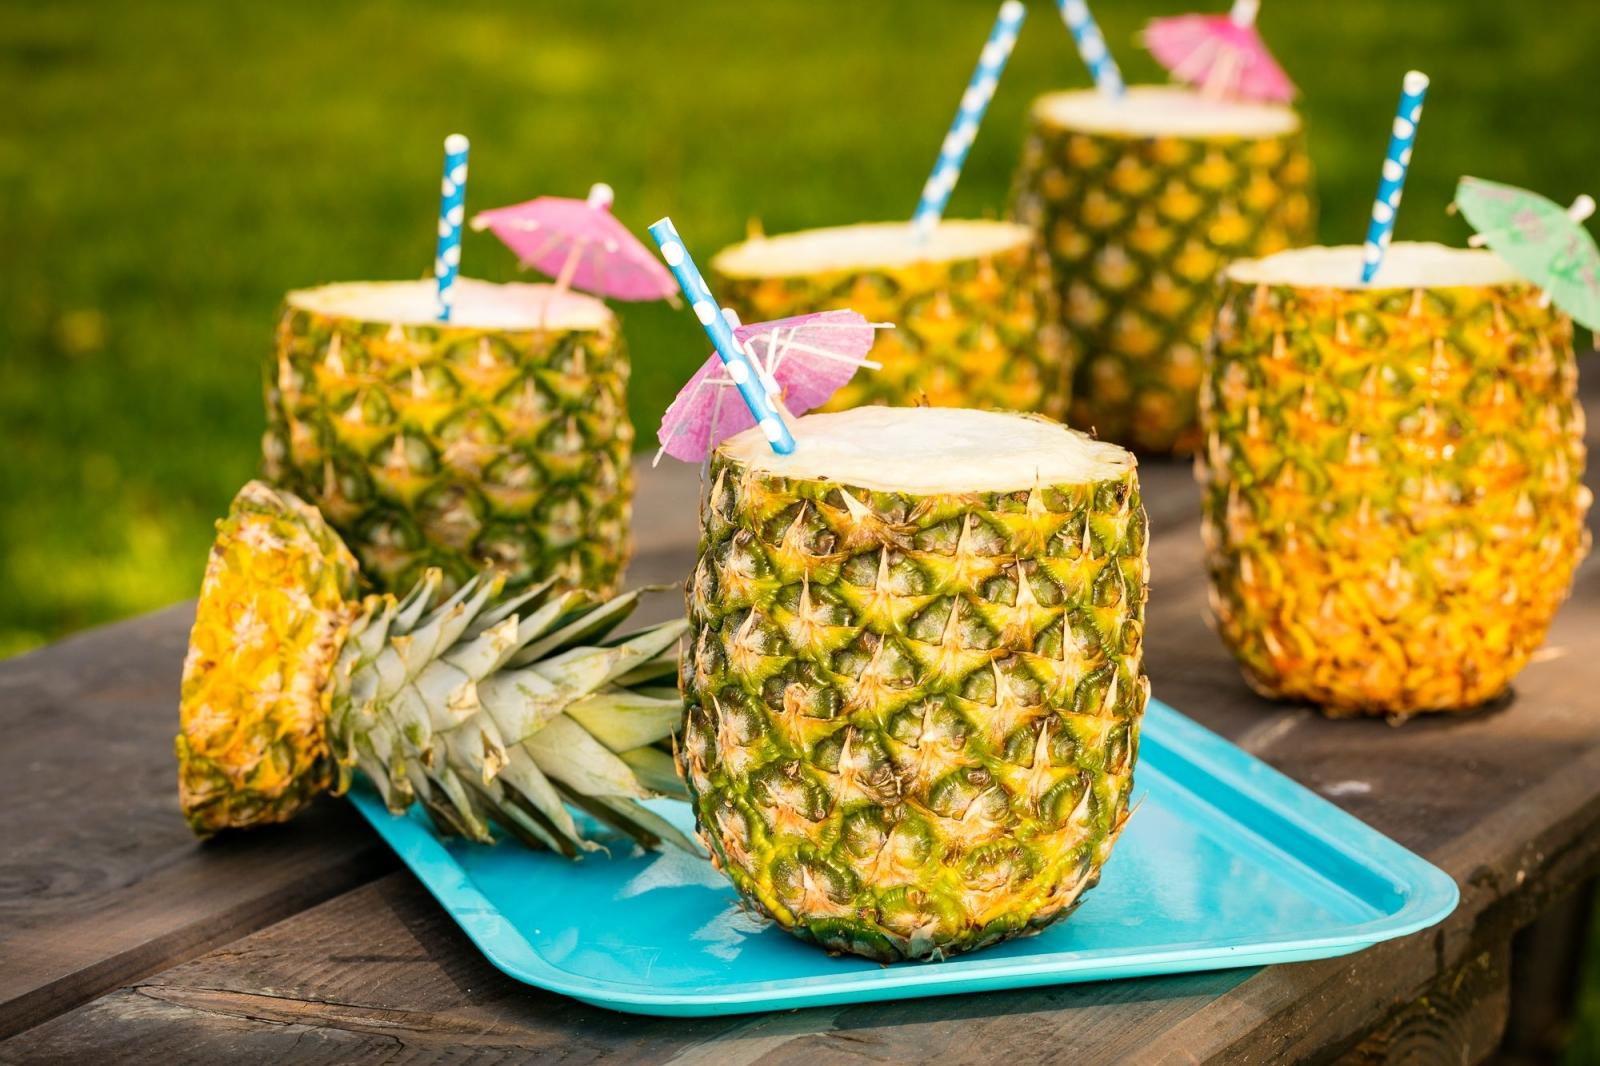 ۳۸ خاصیت اعجاب انگیز آناناس برای مبارزه با بیماری ها